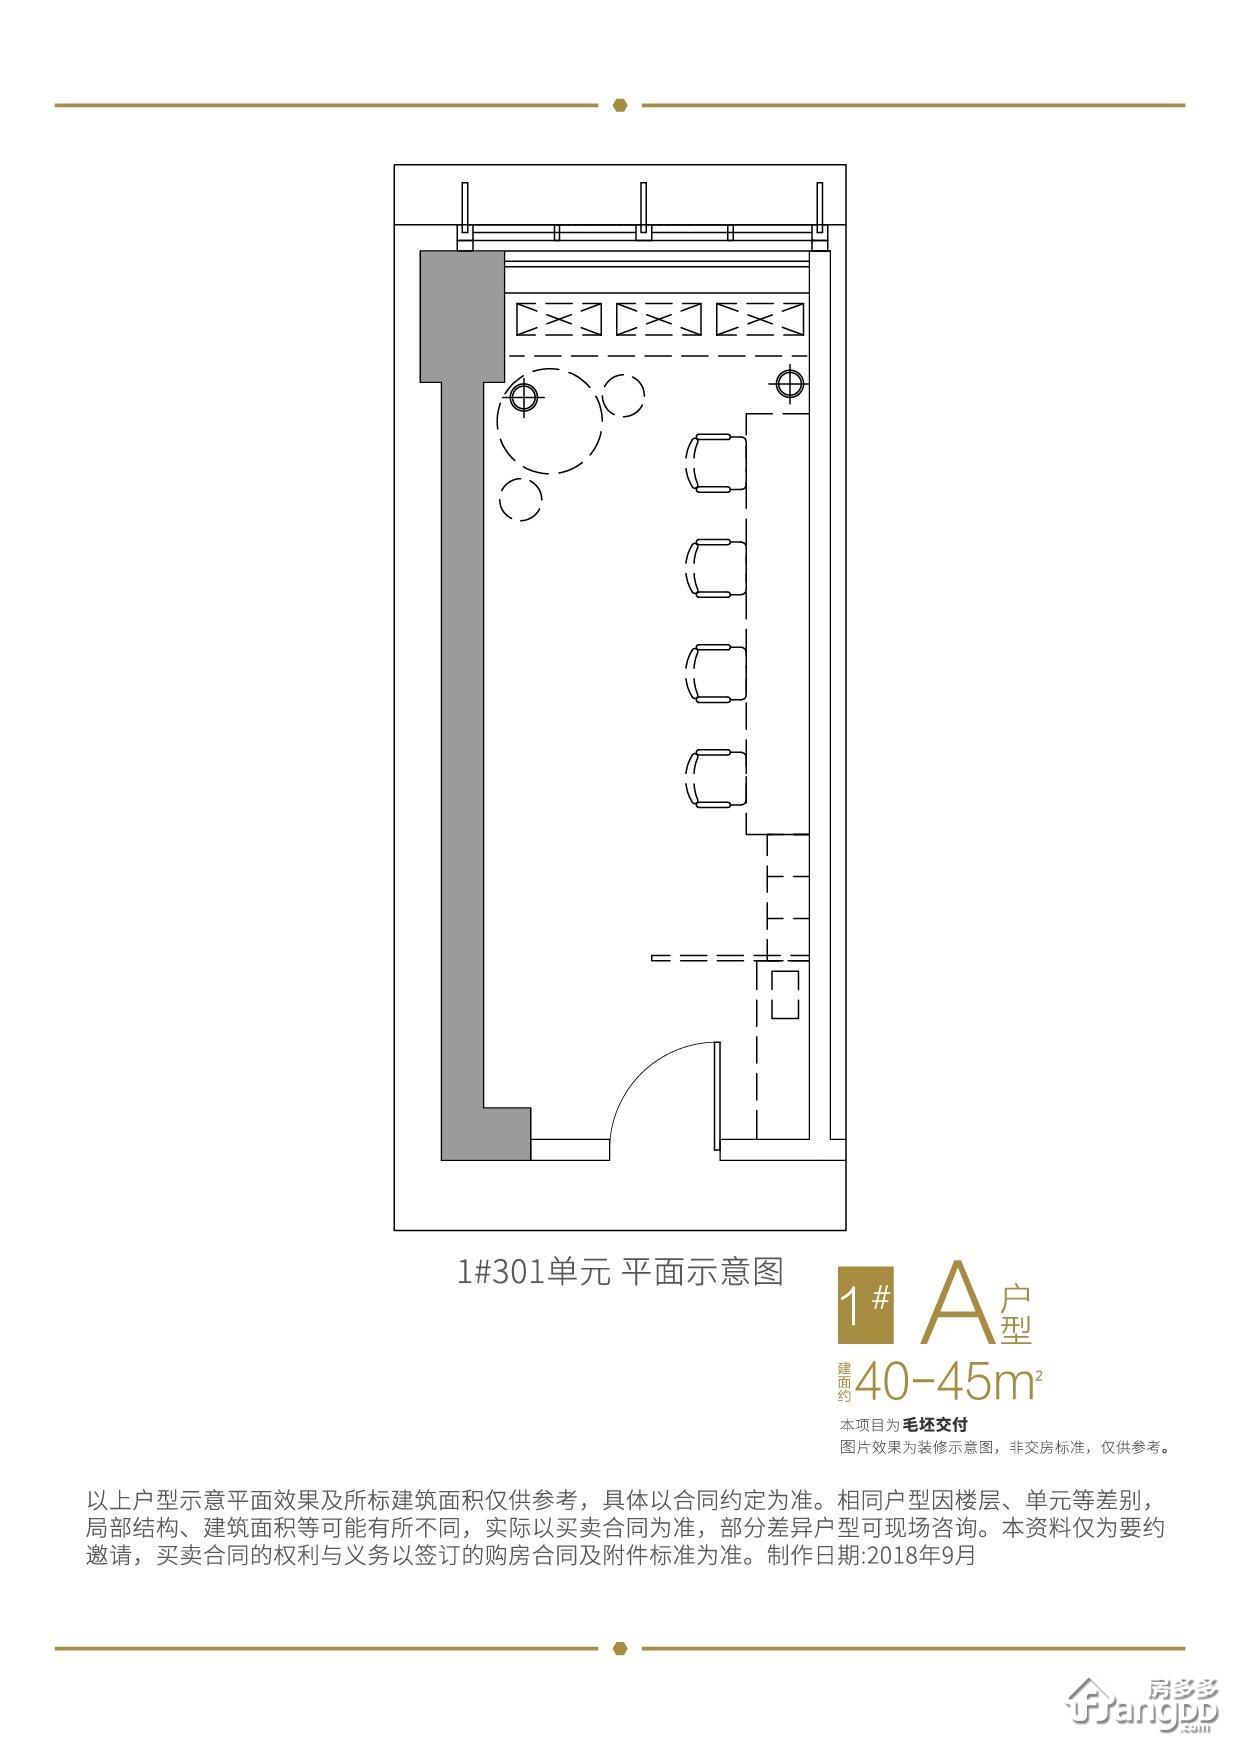 万科广场大都荟3室1厅1卫户型图